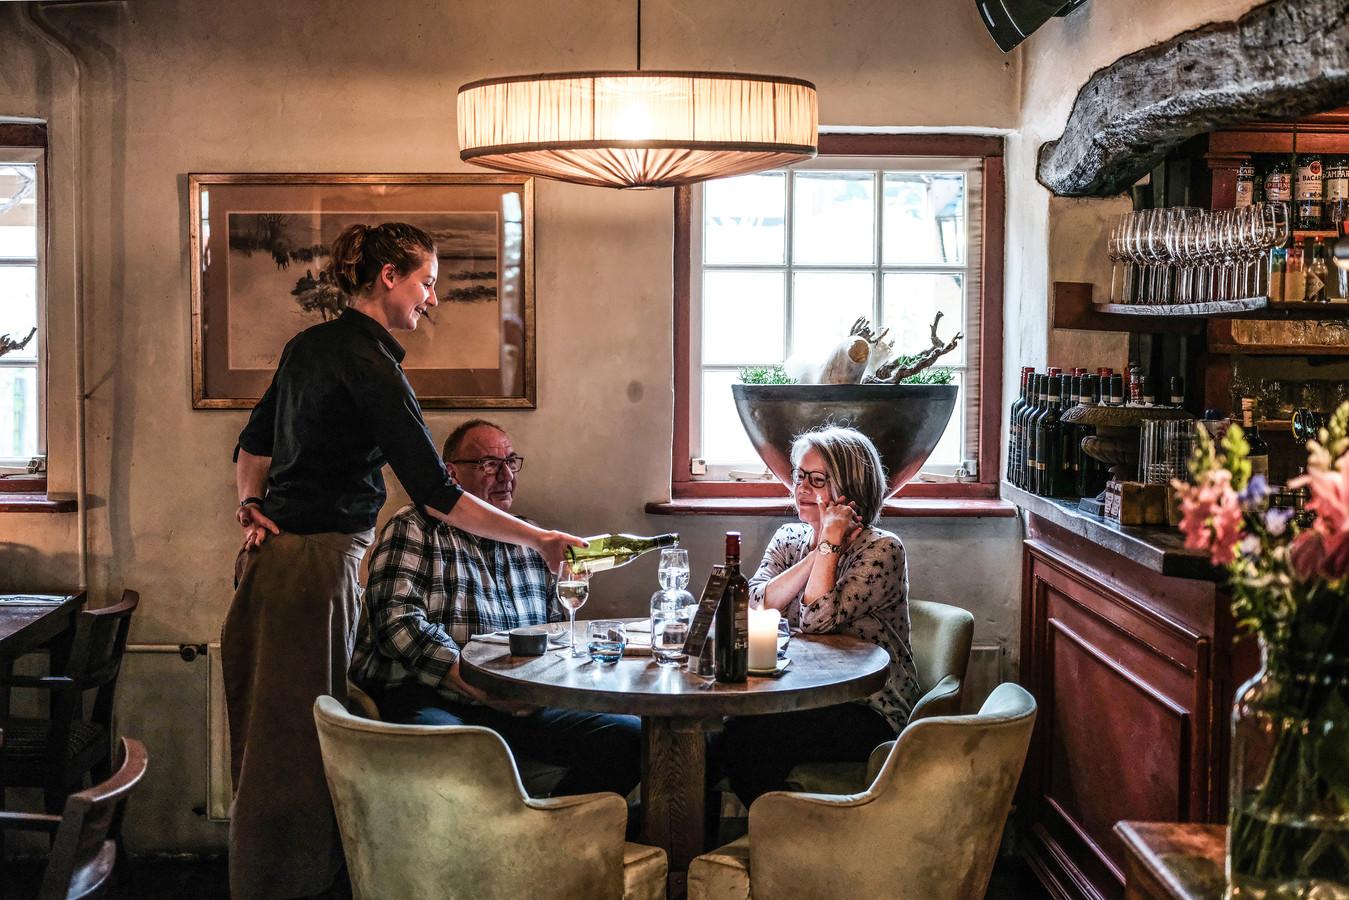 Restaurant de Peerdestal in Ellecom.